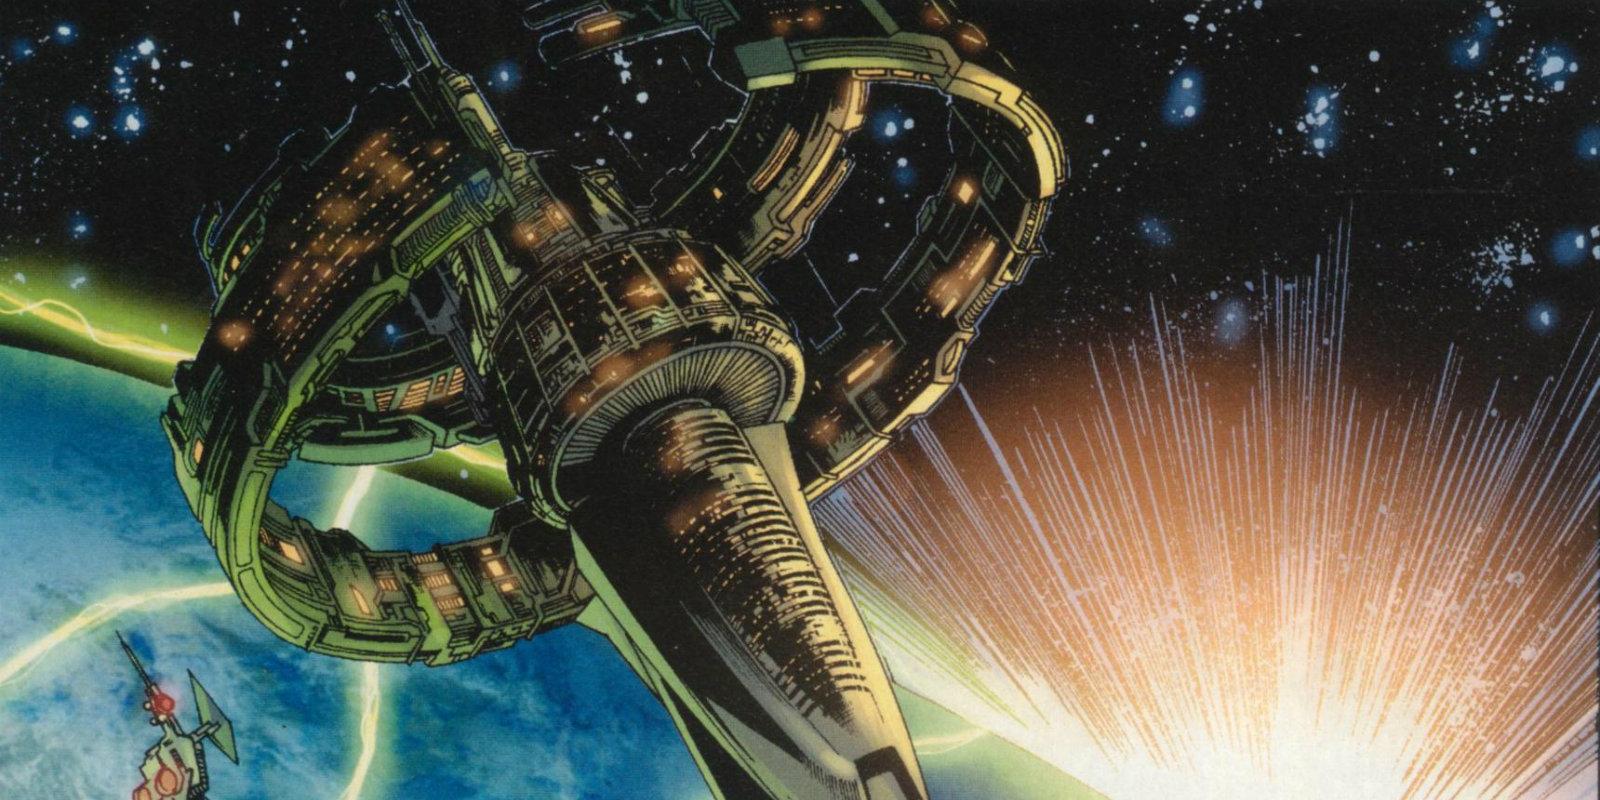 jla-watchtower-satellite